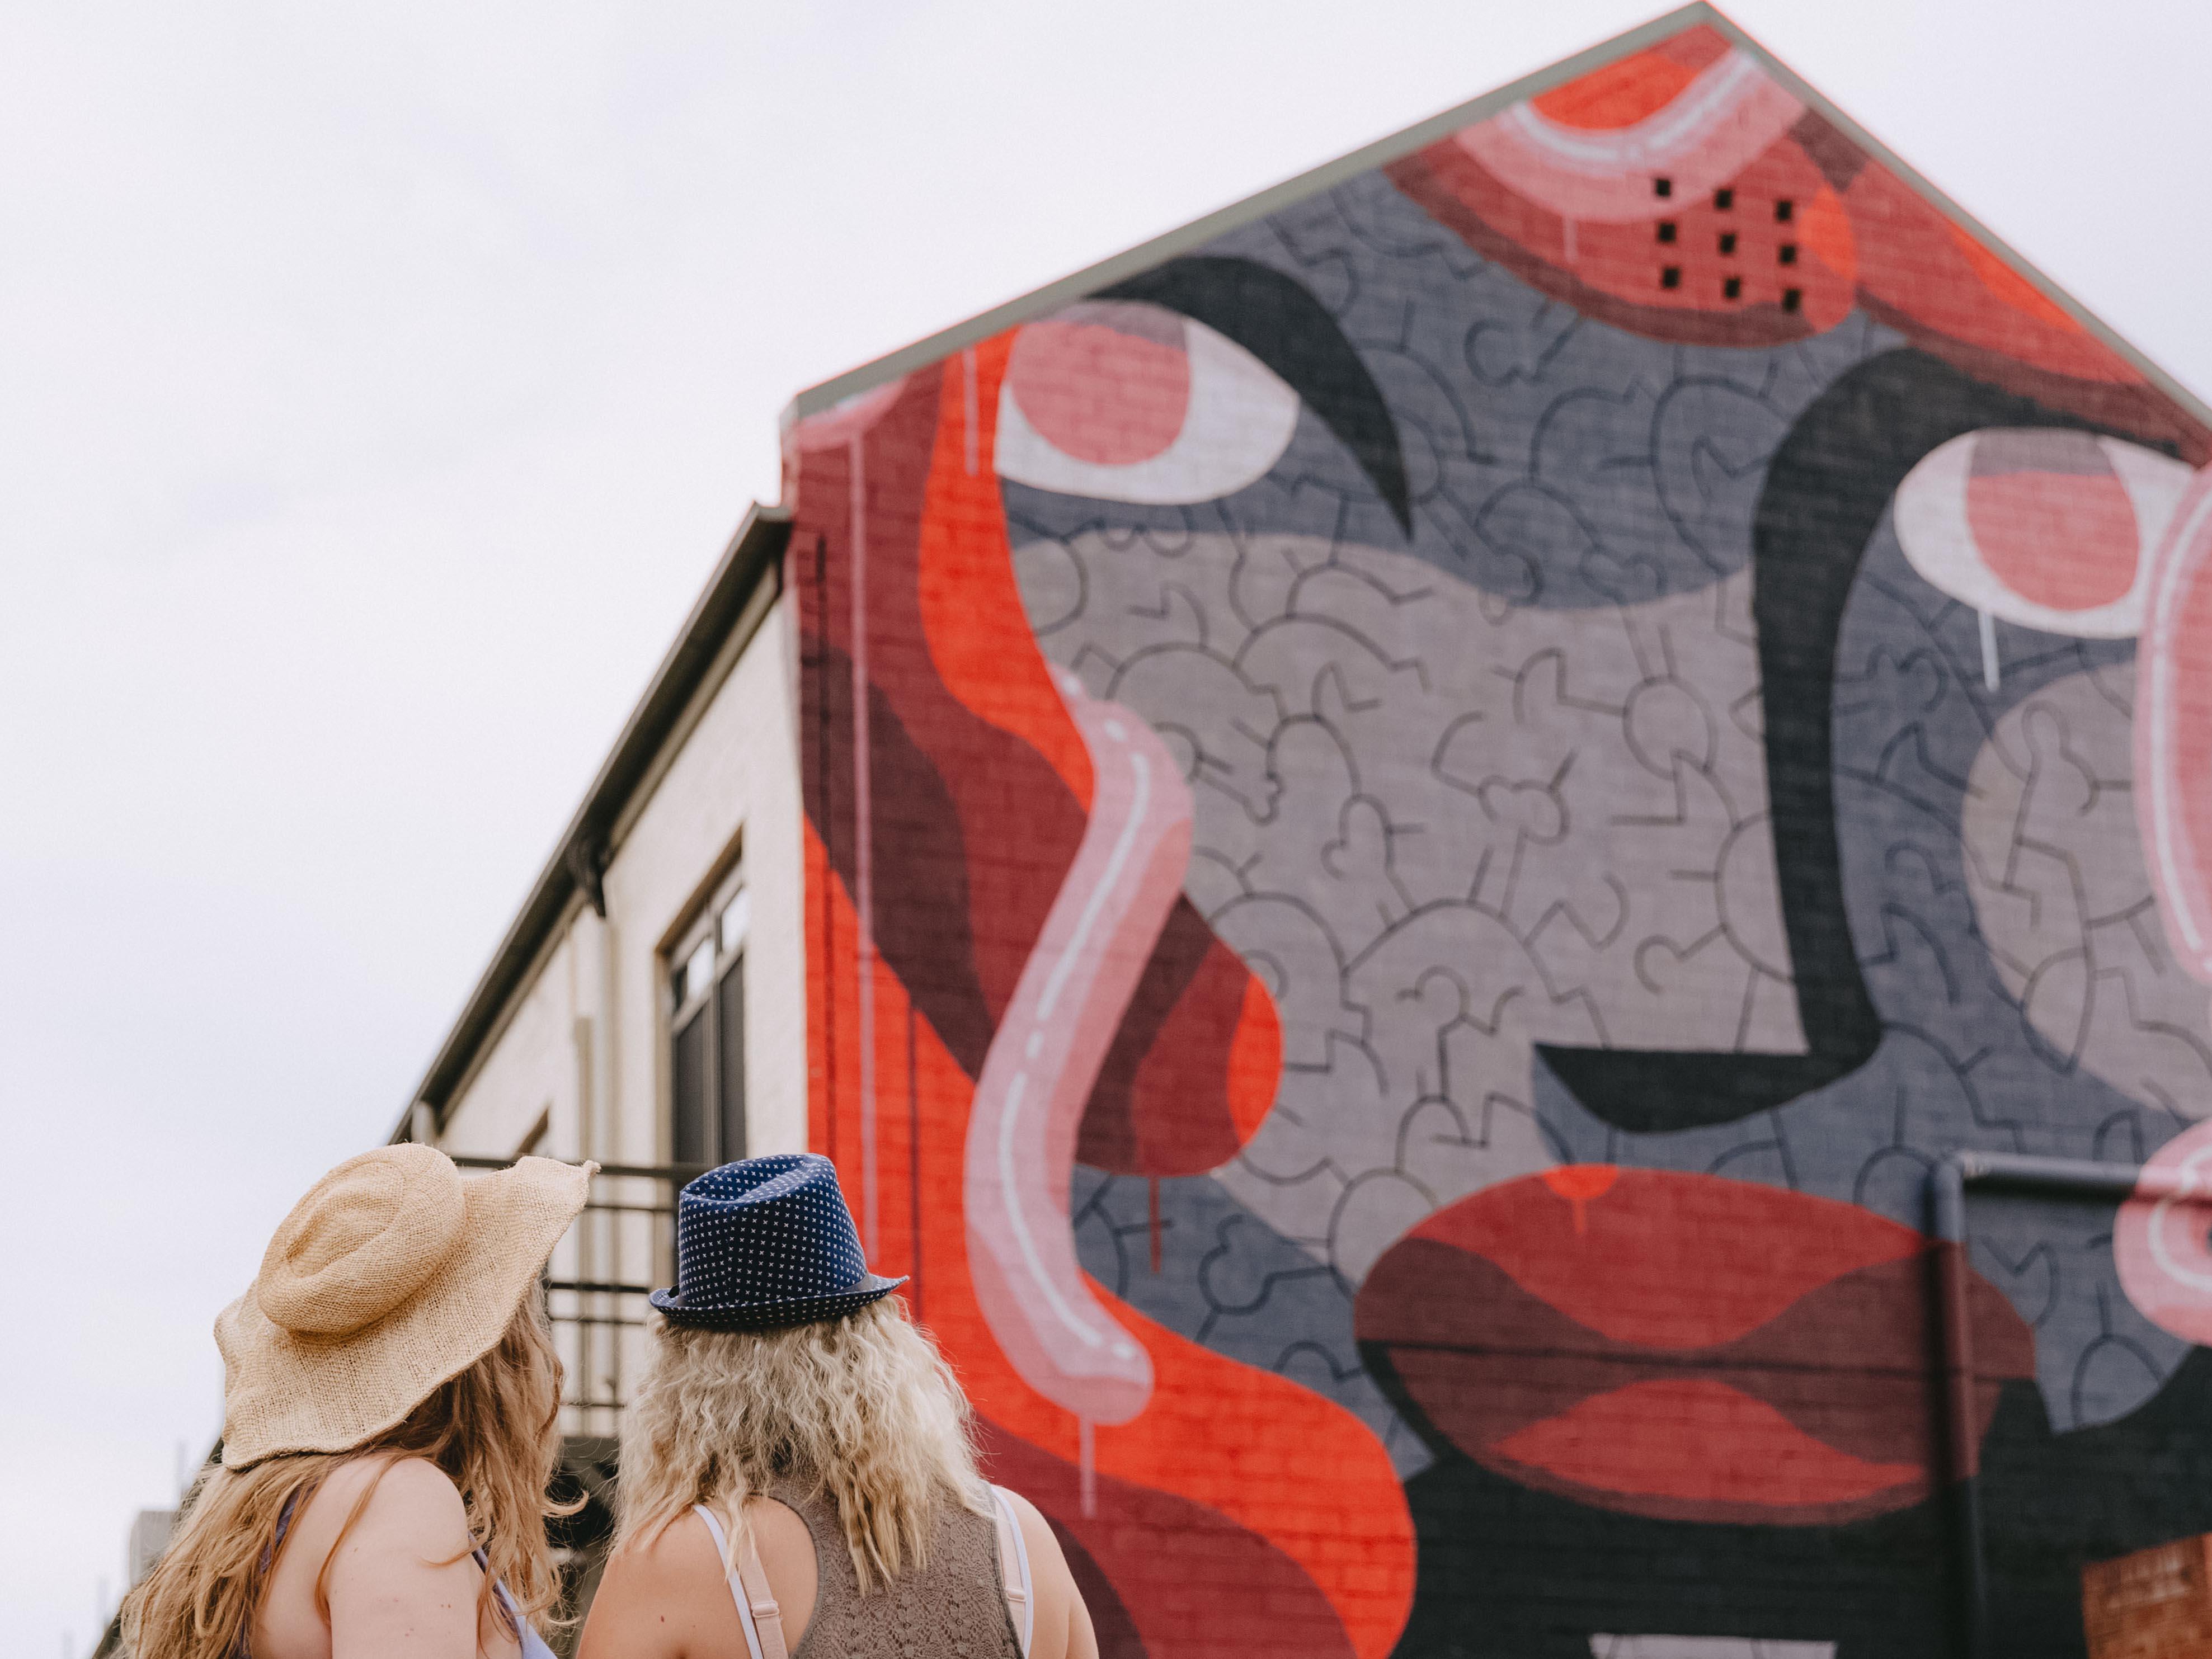 Murals in laneway in Wagga Wagga